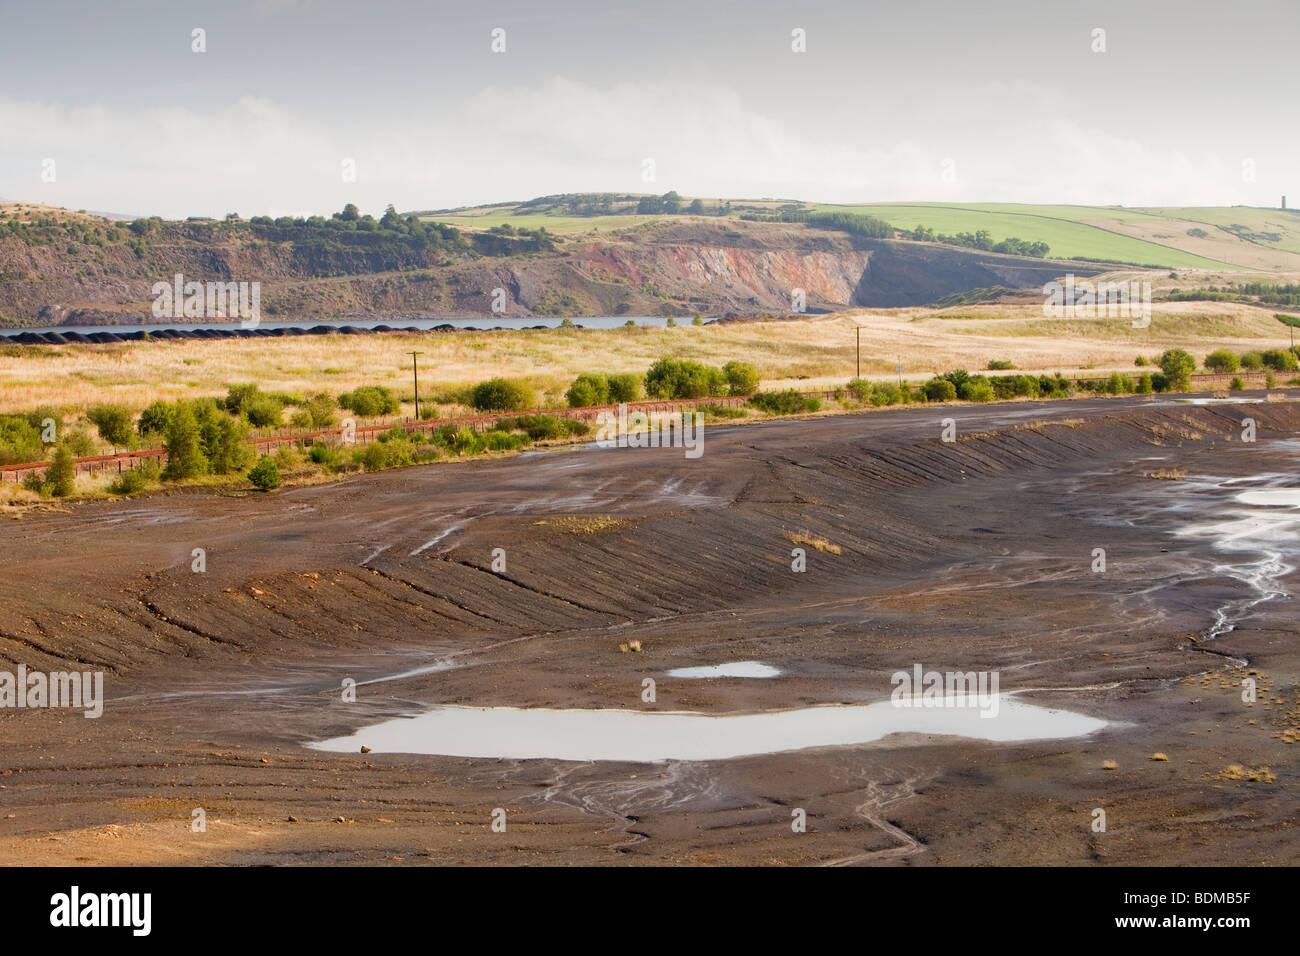 Verwöhnen Sie links vom Tagebau Kohle Bergbau an der verlassenen Westfield mir in Perth und Kinross, Schottland, Stockbild